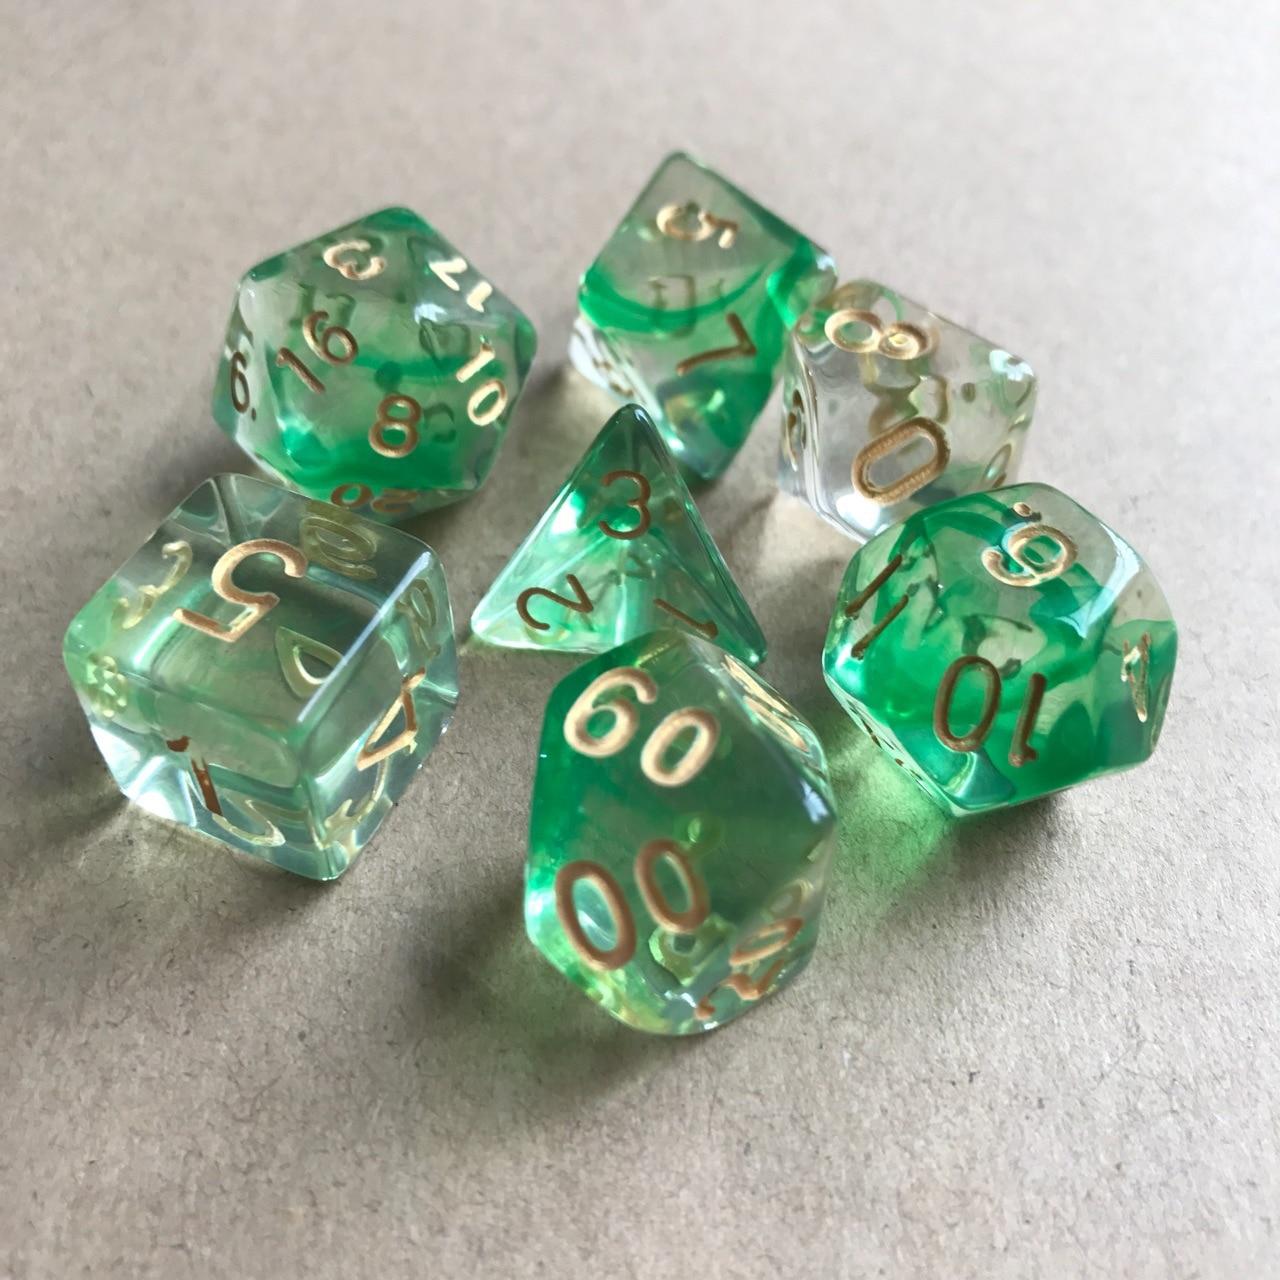 7 шт./компл. многогранные кости D& D4 D6 D8 D10 d% D12 D20 Прозрачный Многогранные TRPG игры Набор Игральный костей Настольная игра развлекательные кубики - Цвет: Green Transparent